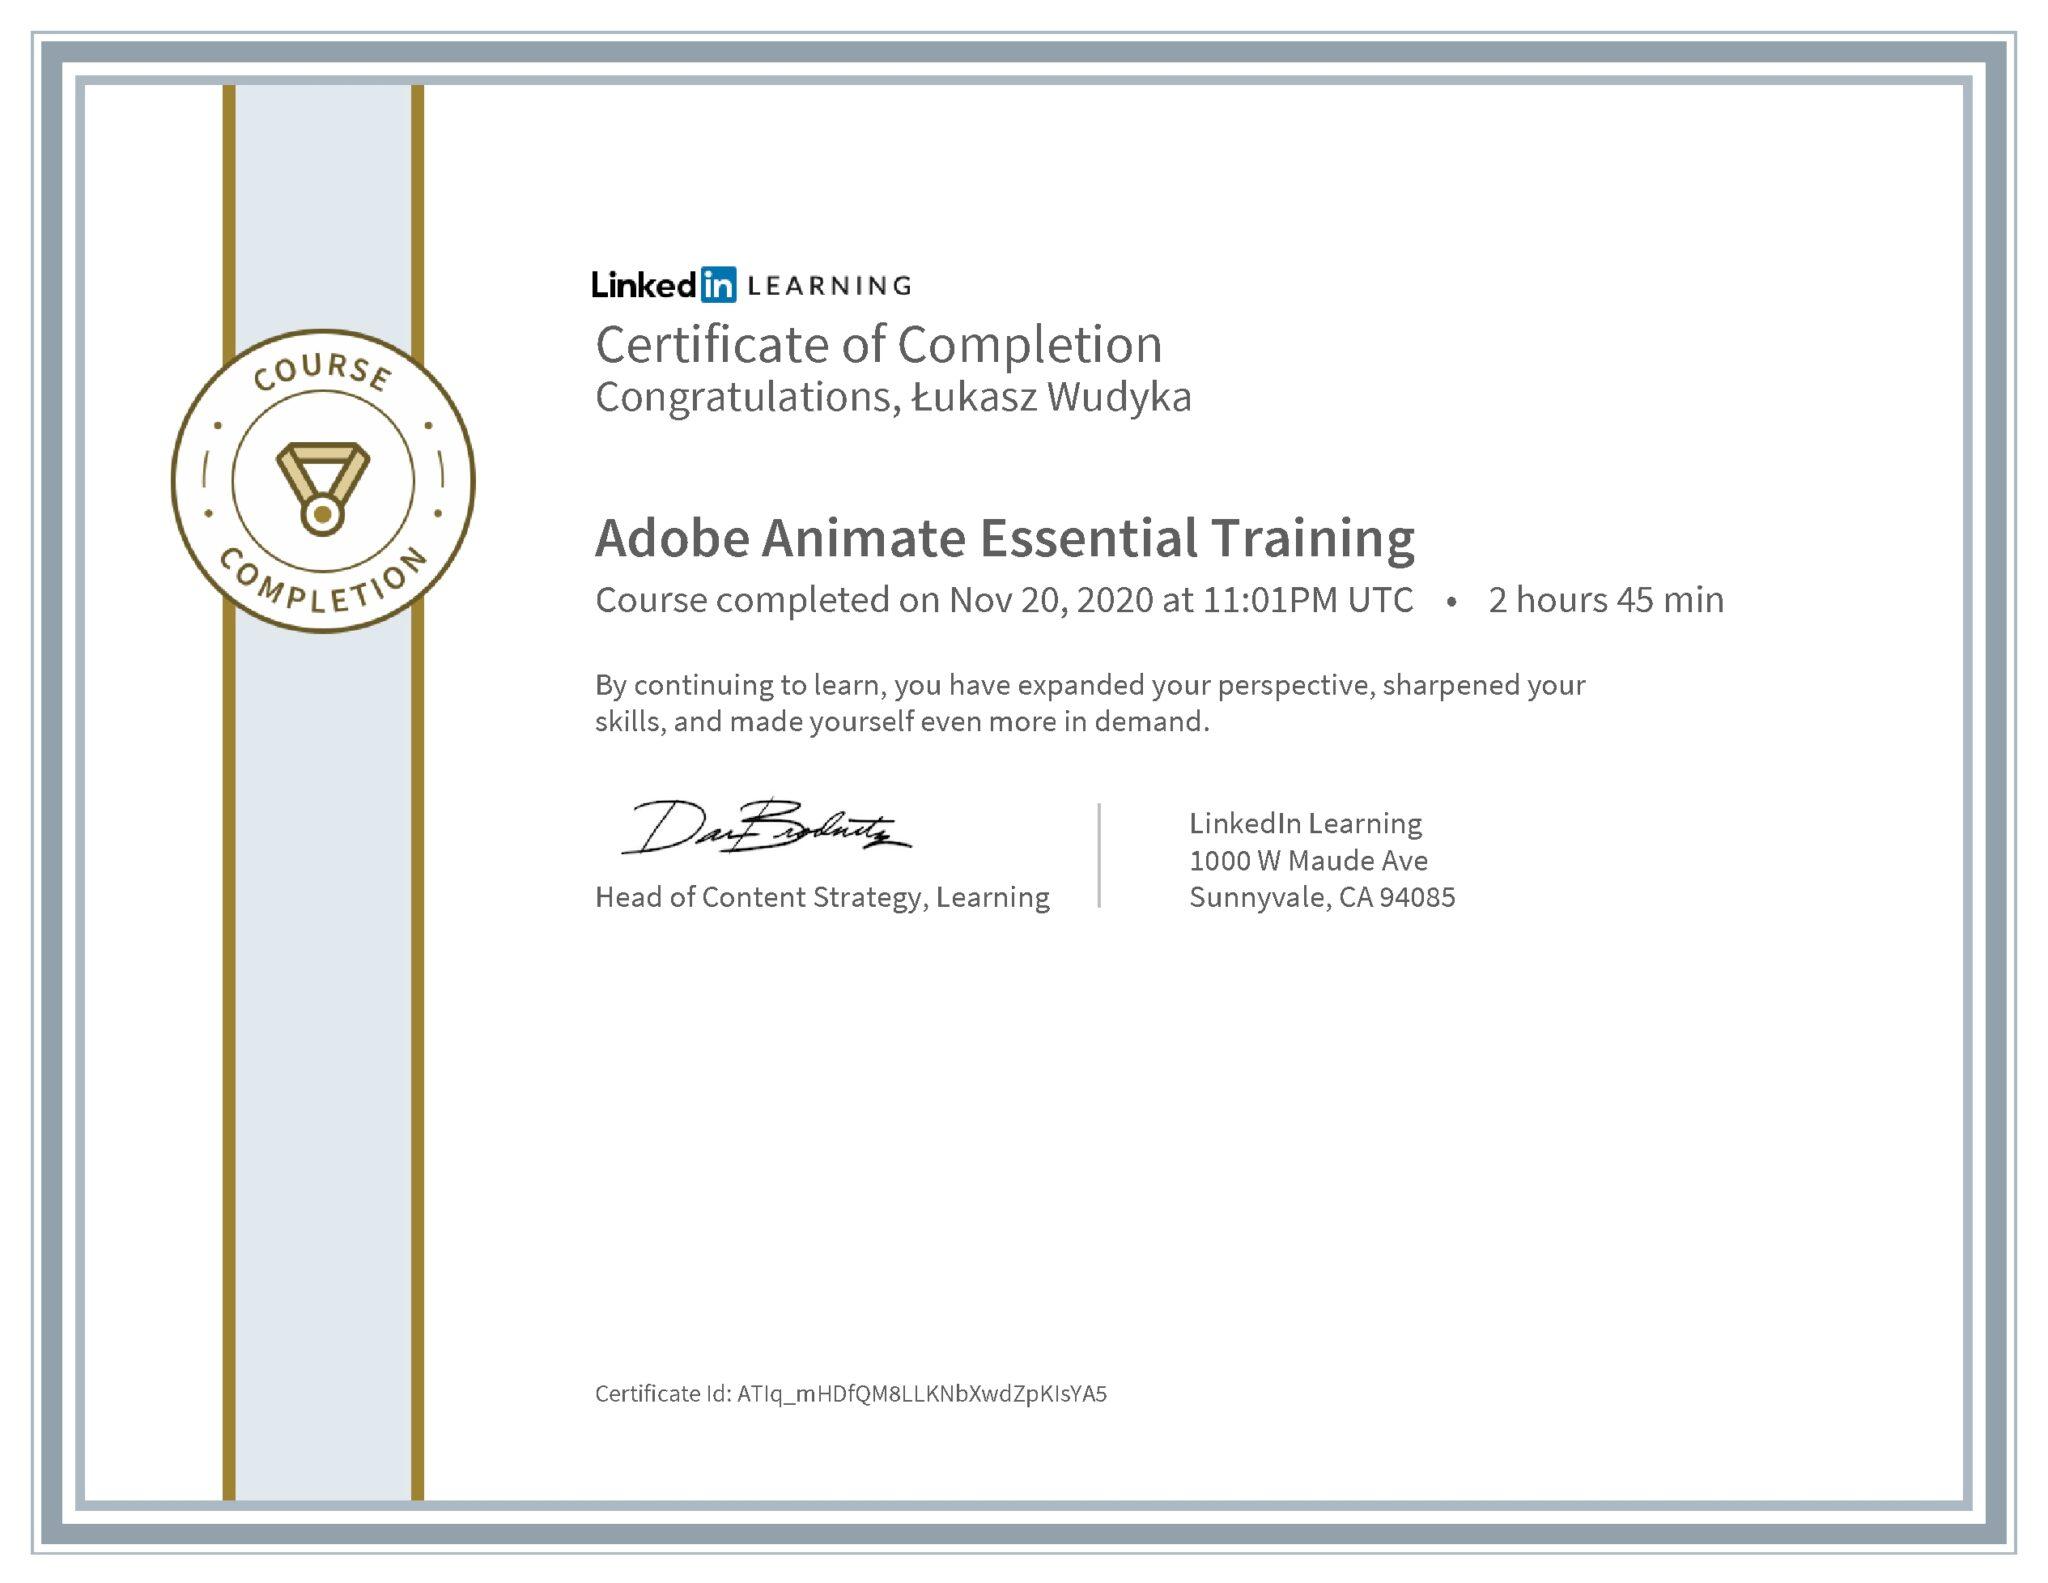 Łukasz Wudyka certyfikat LinkedIn Adobe Animate Essential Training